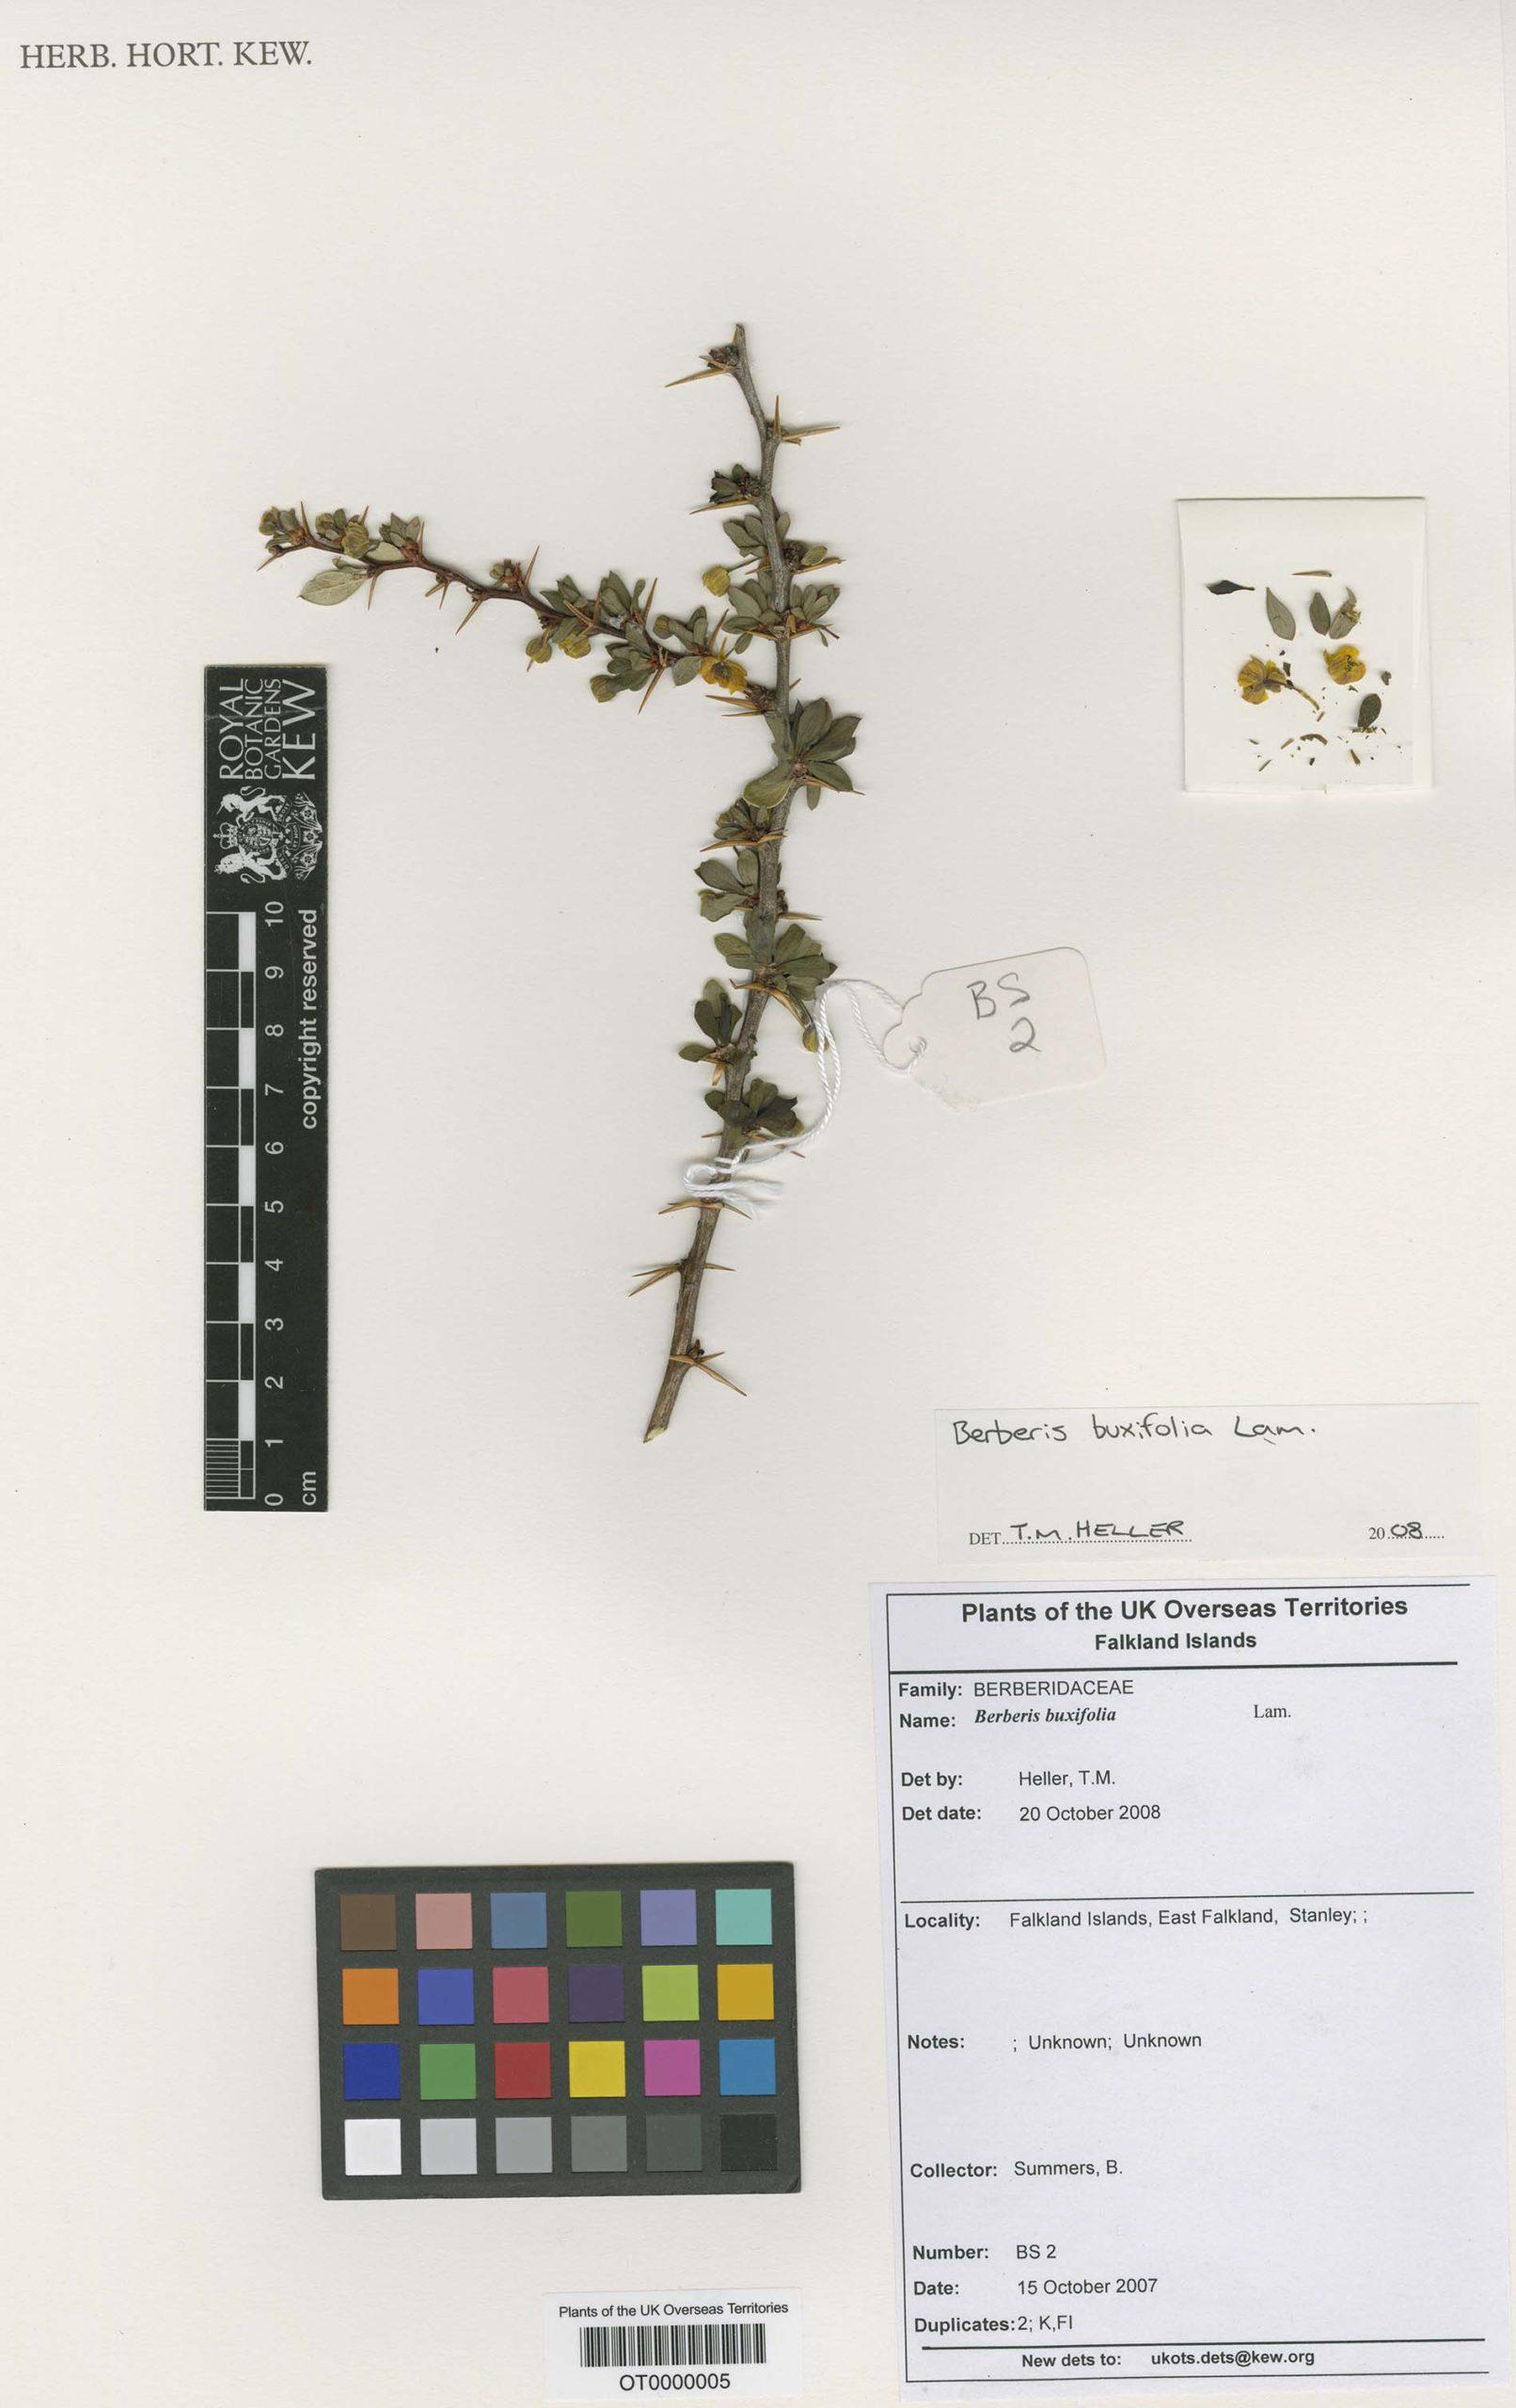 Berberis buxifolia Lam.